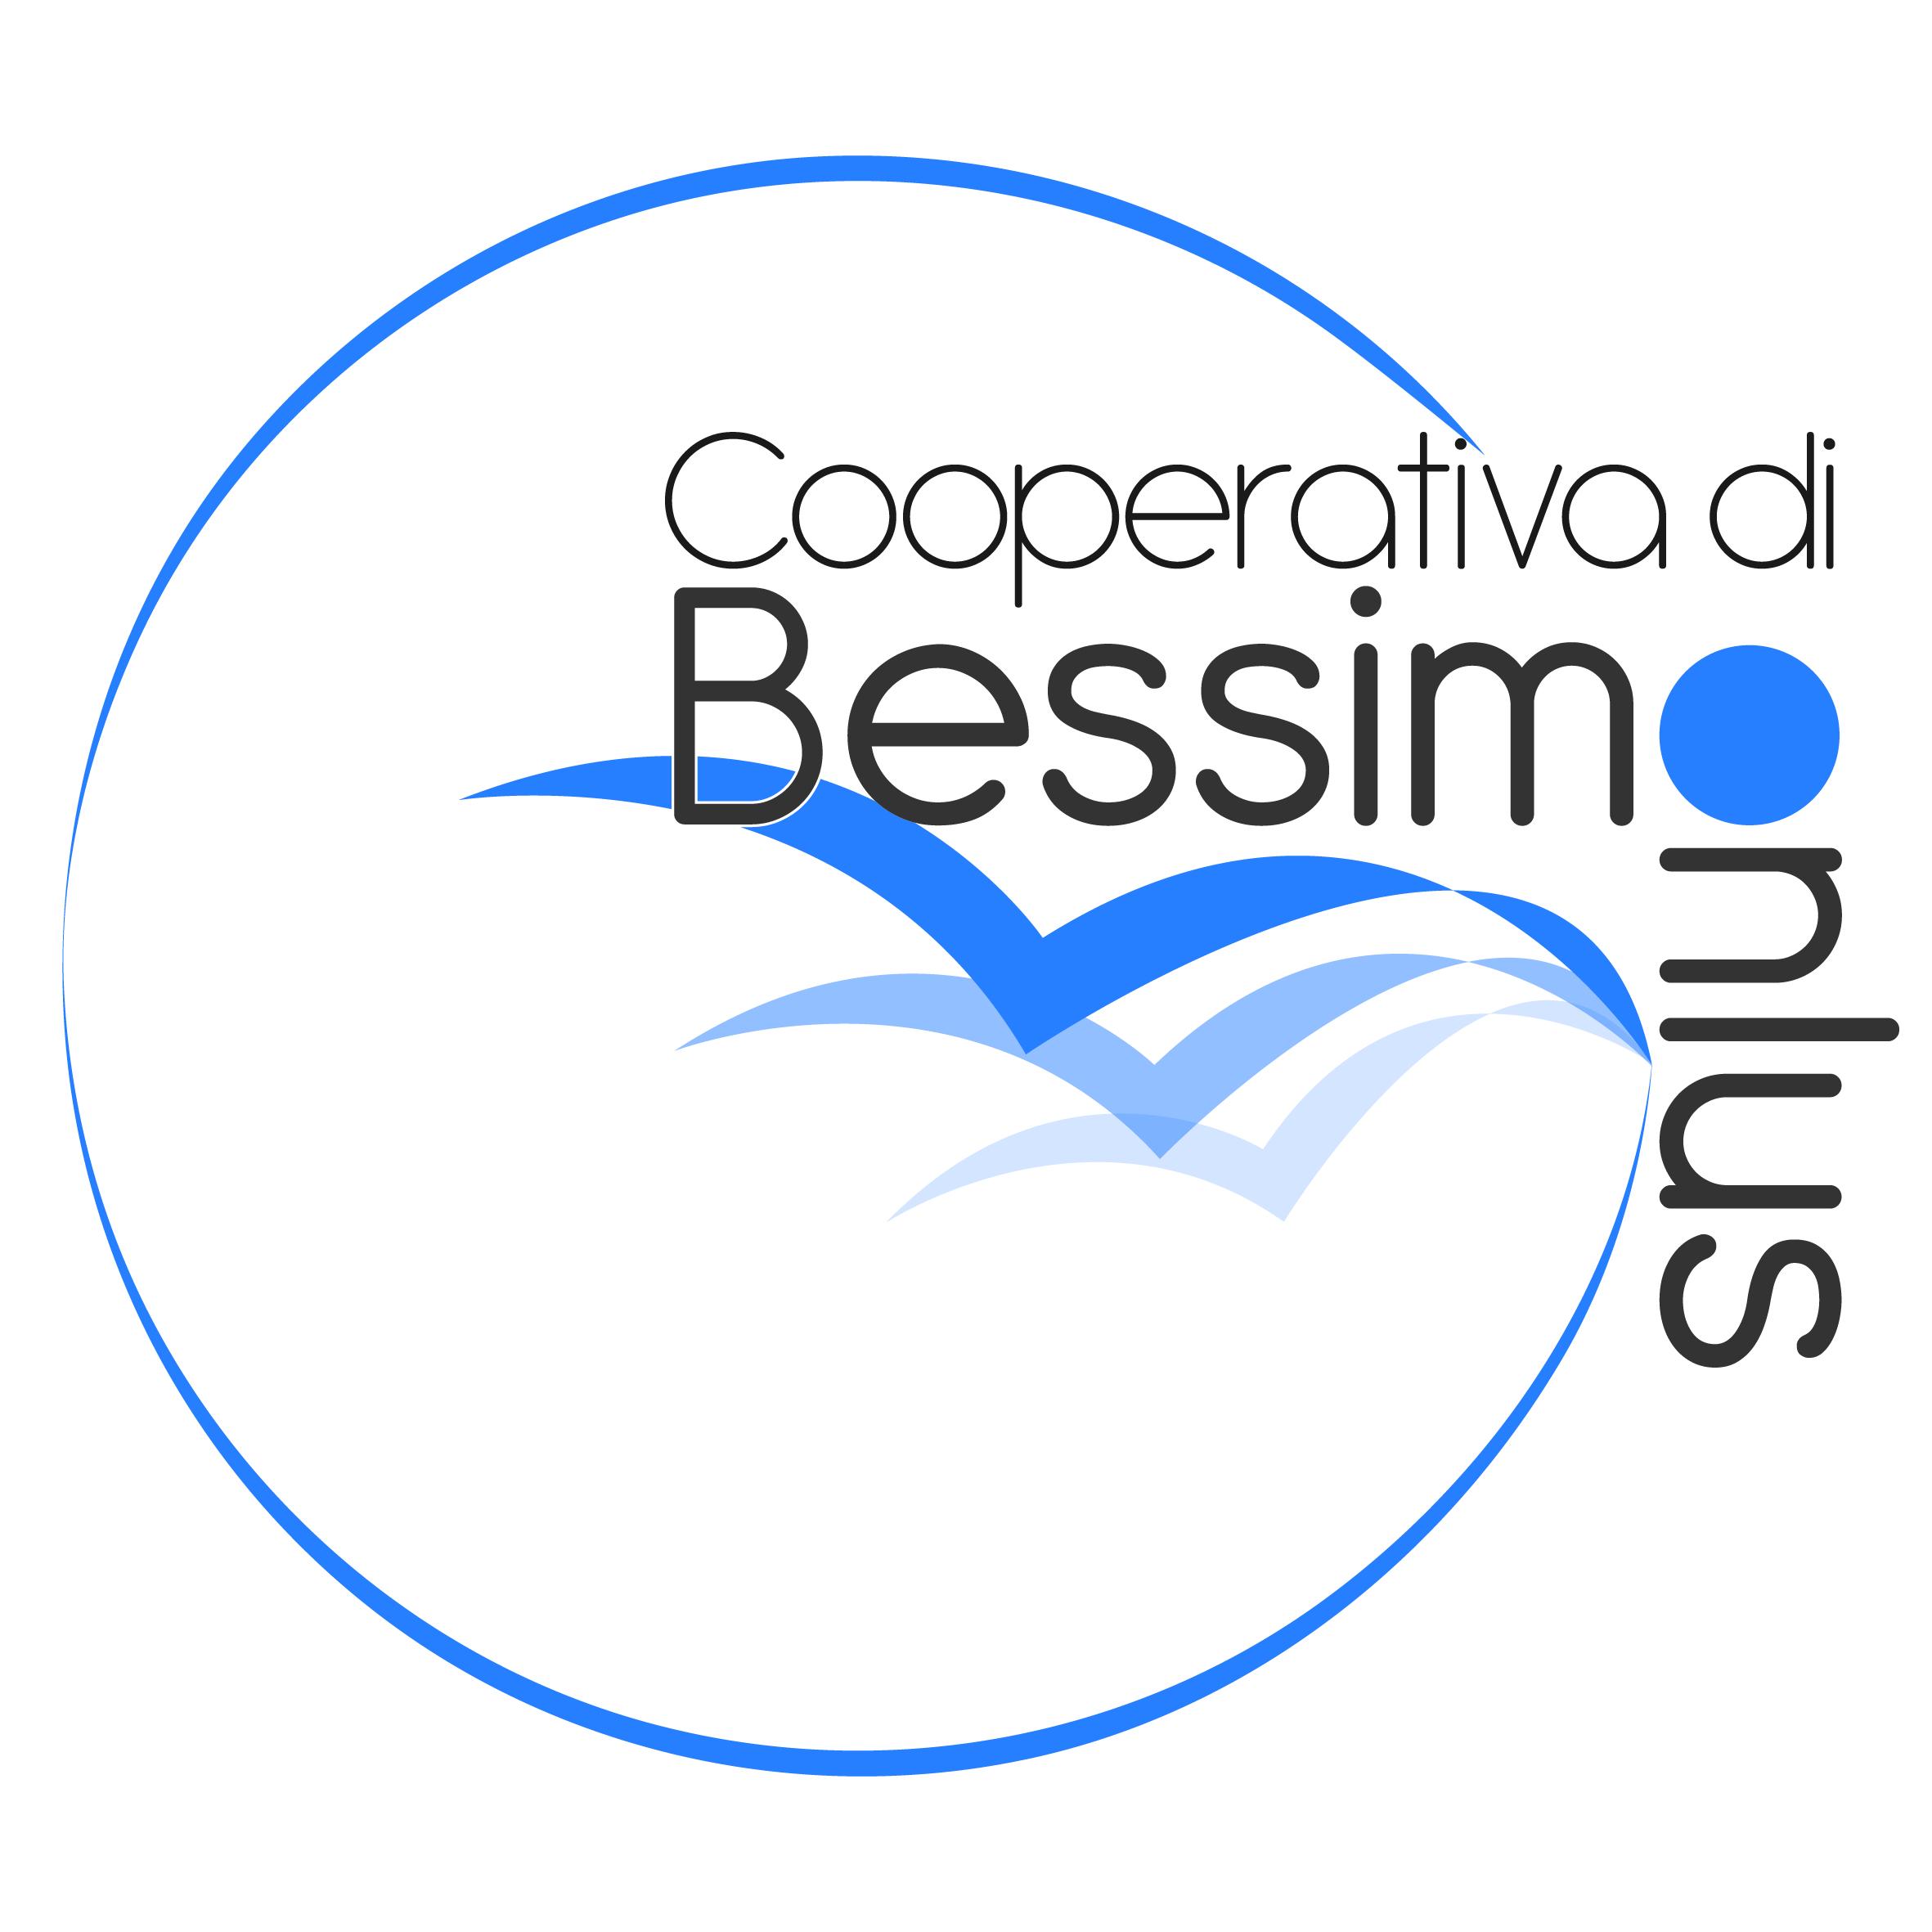 Cooperativa Di Bessimo (Concesio, BS)